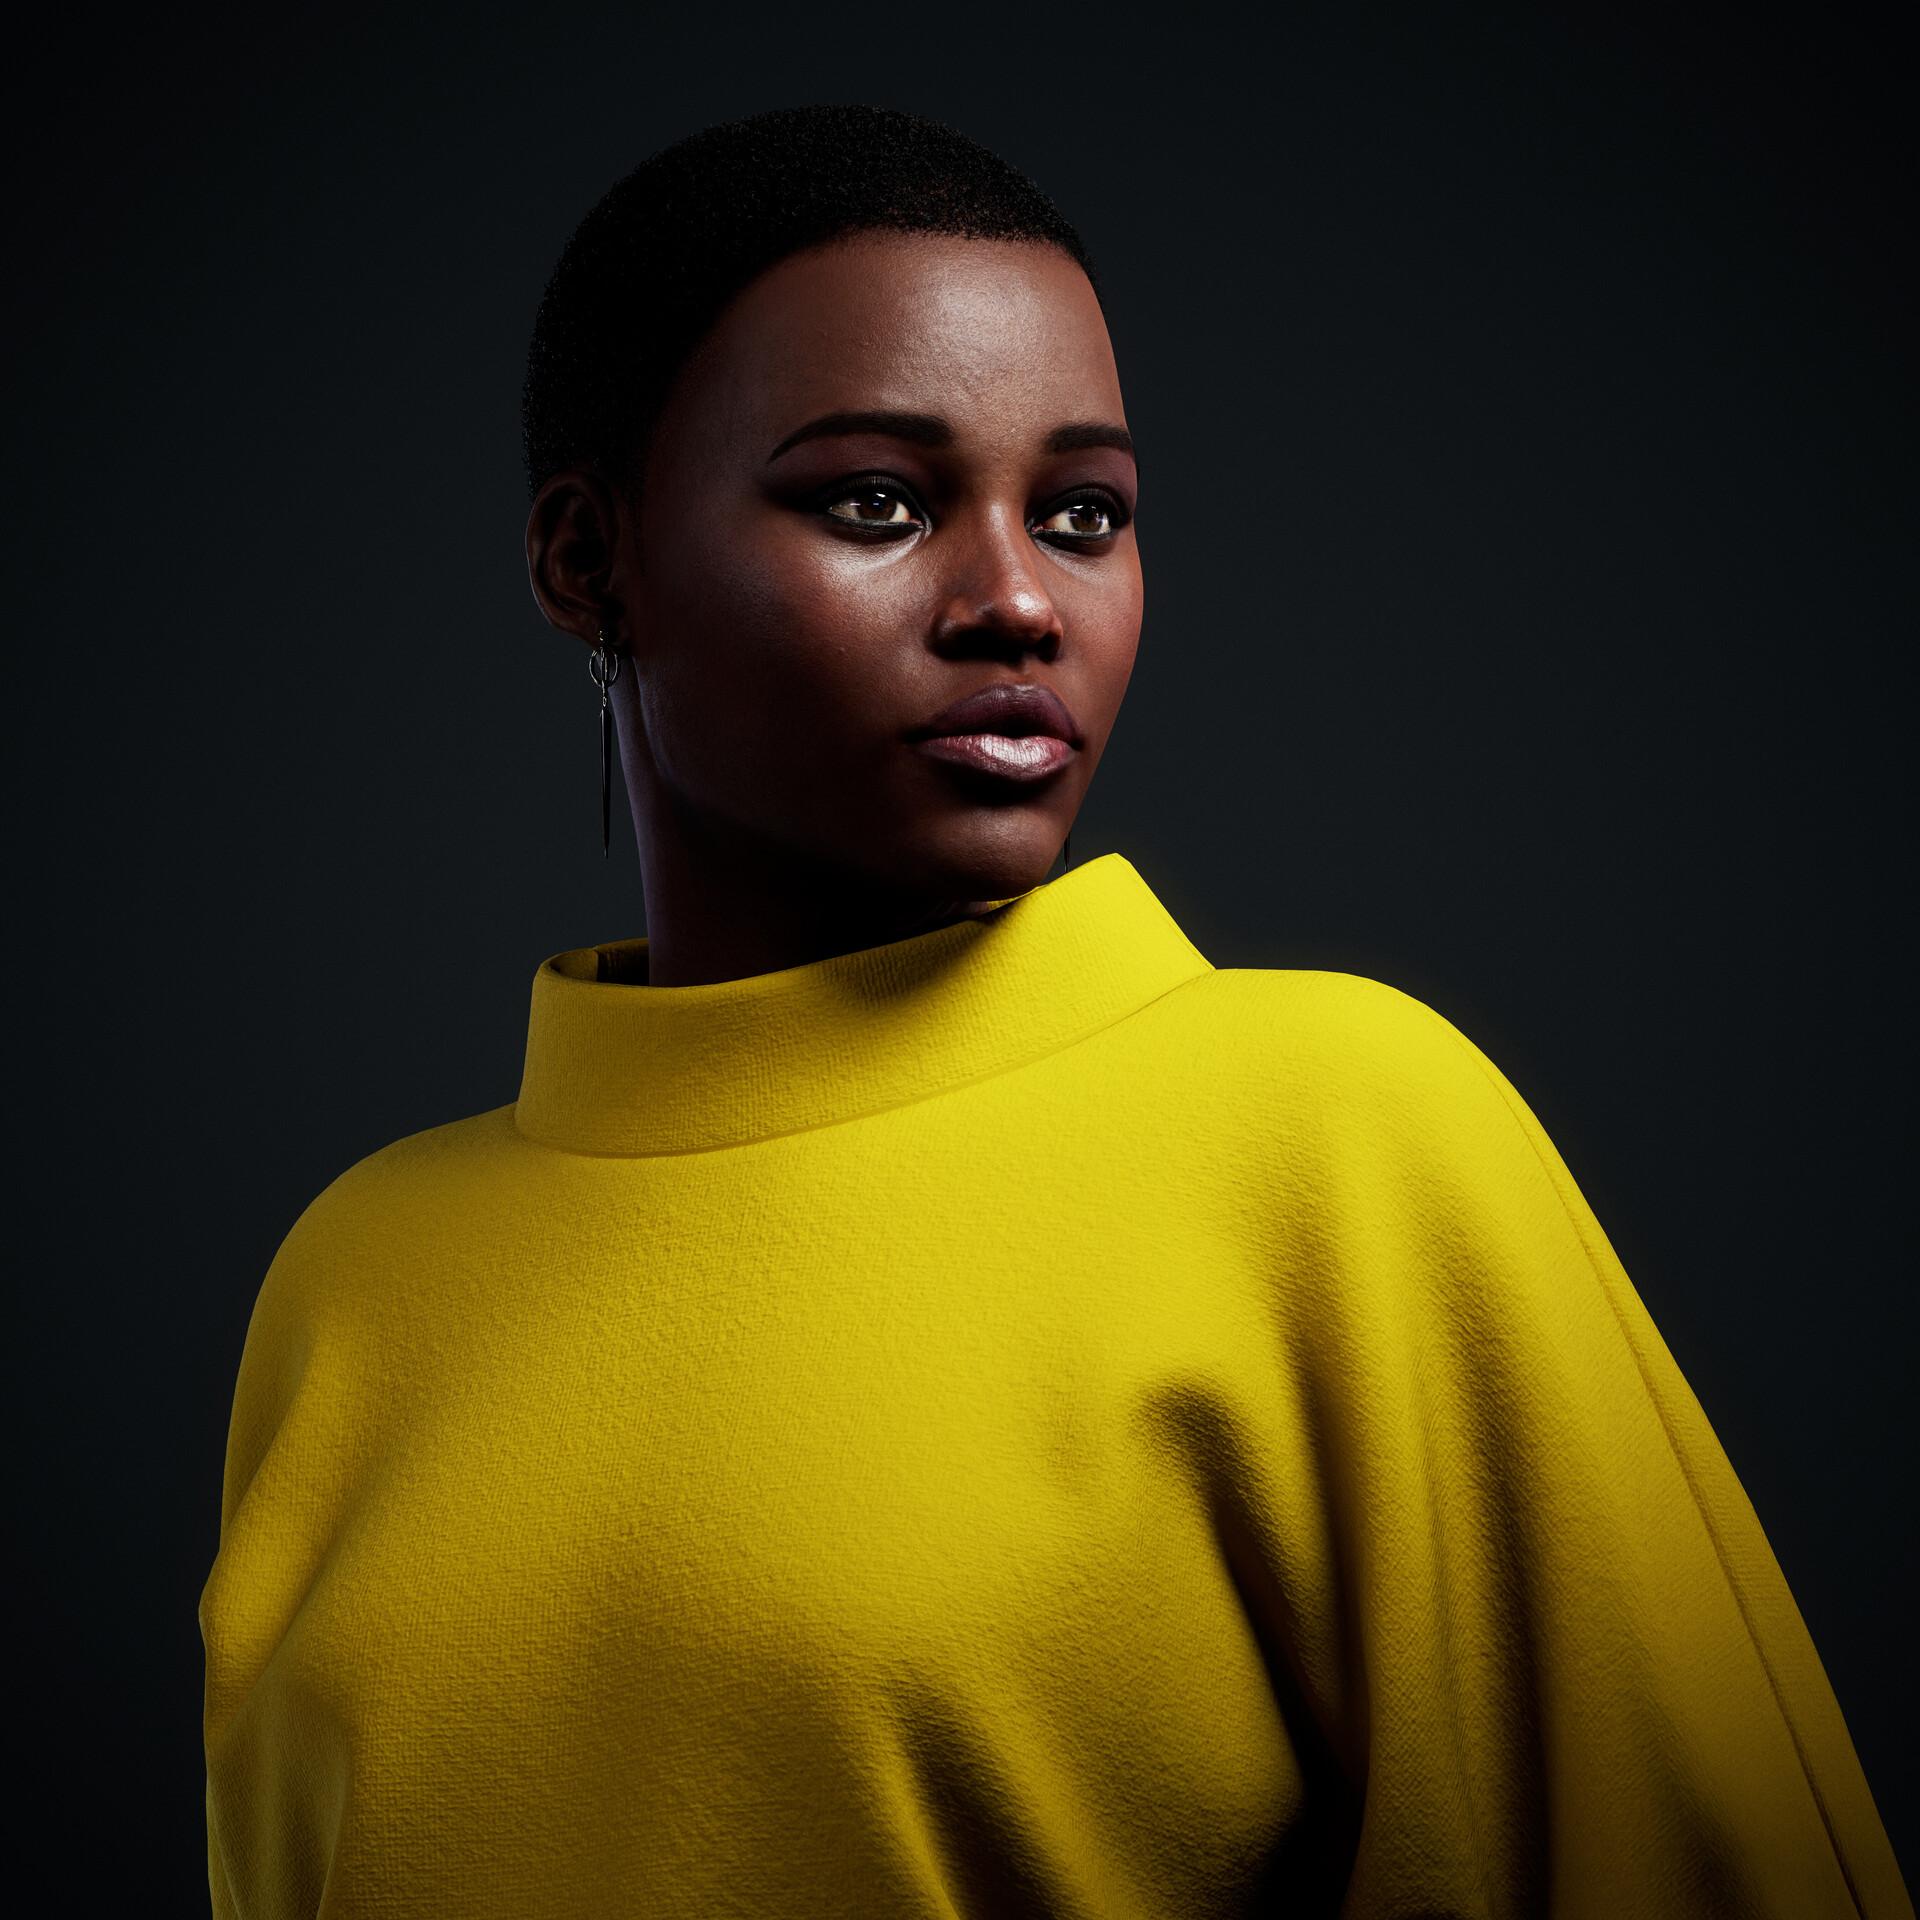 Lupita Nyong'o Likeness Study